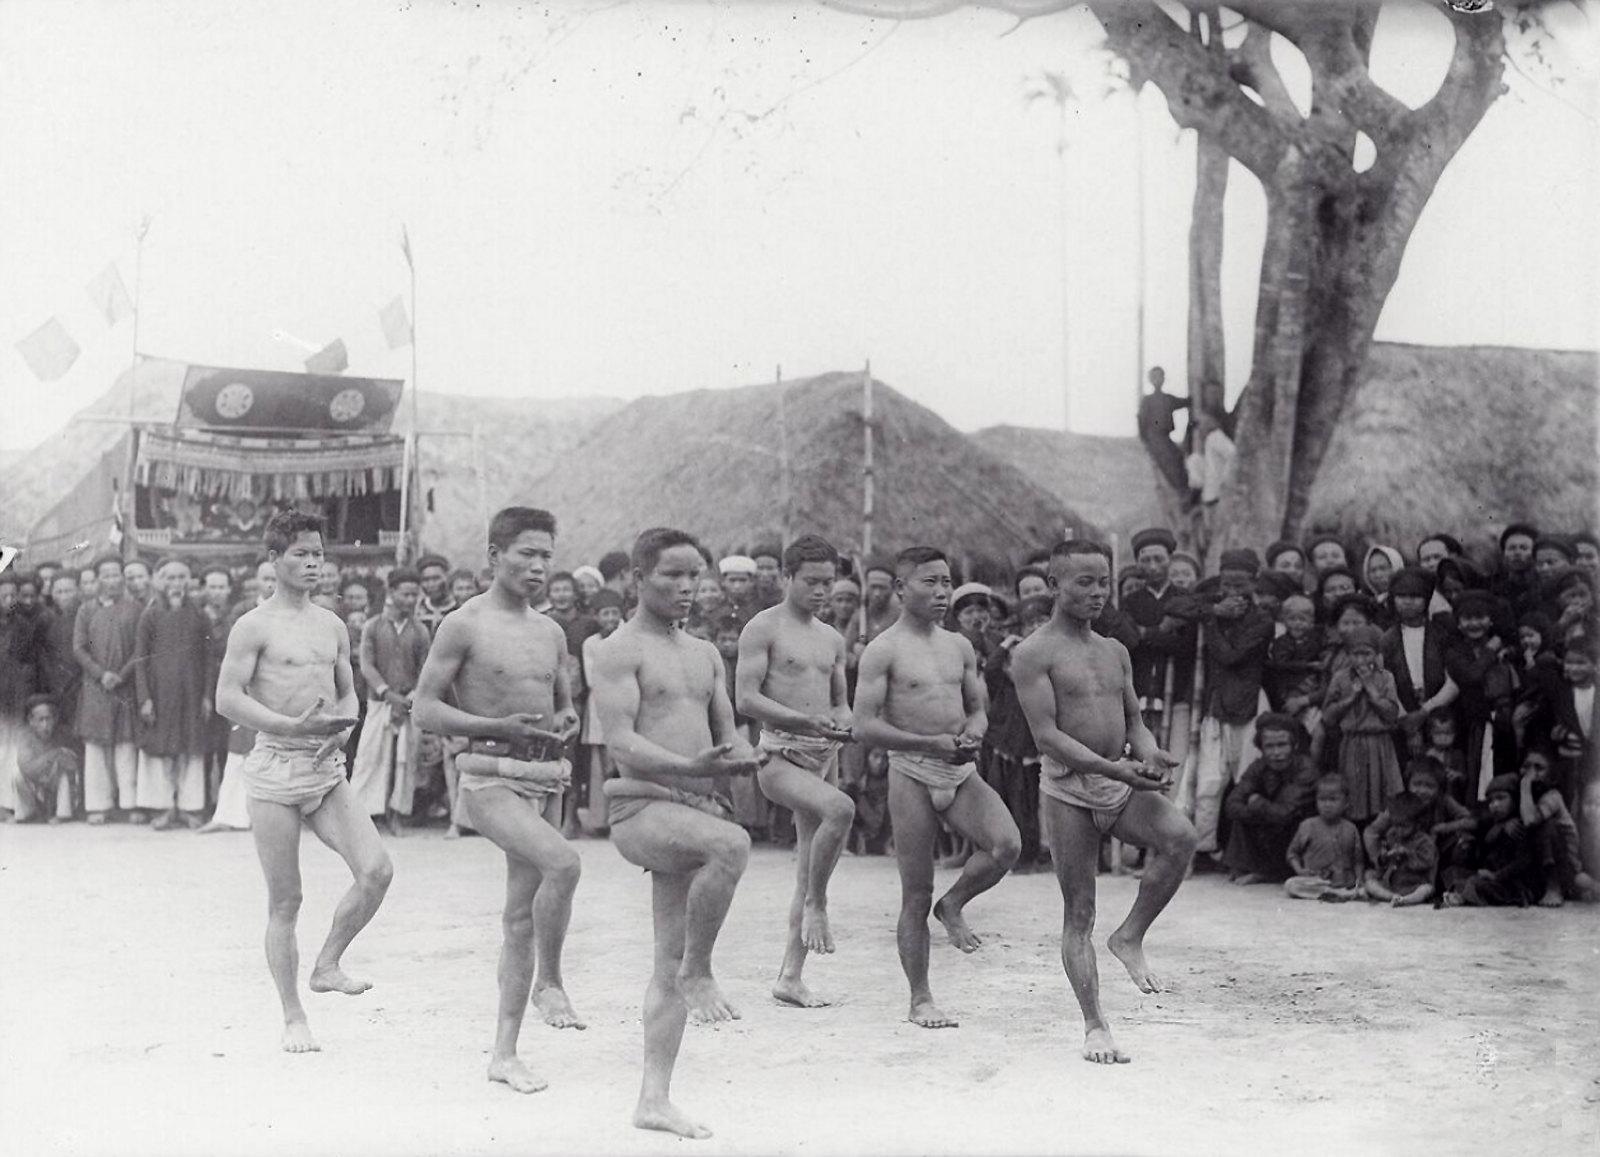 Chùm ảnh: Một lễ hội làng ở Nam Định năm 1928